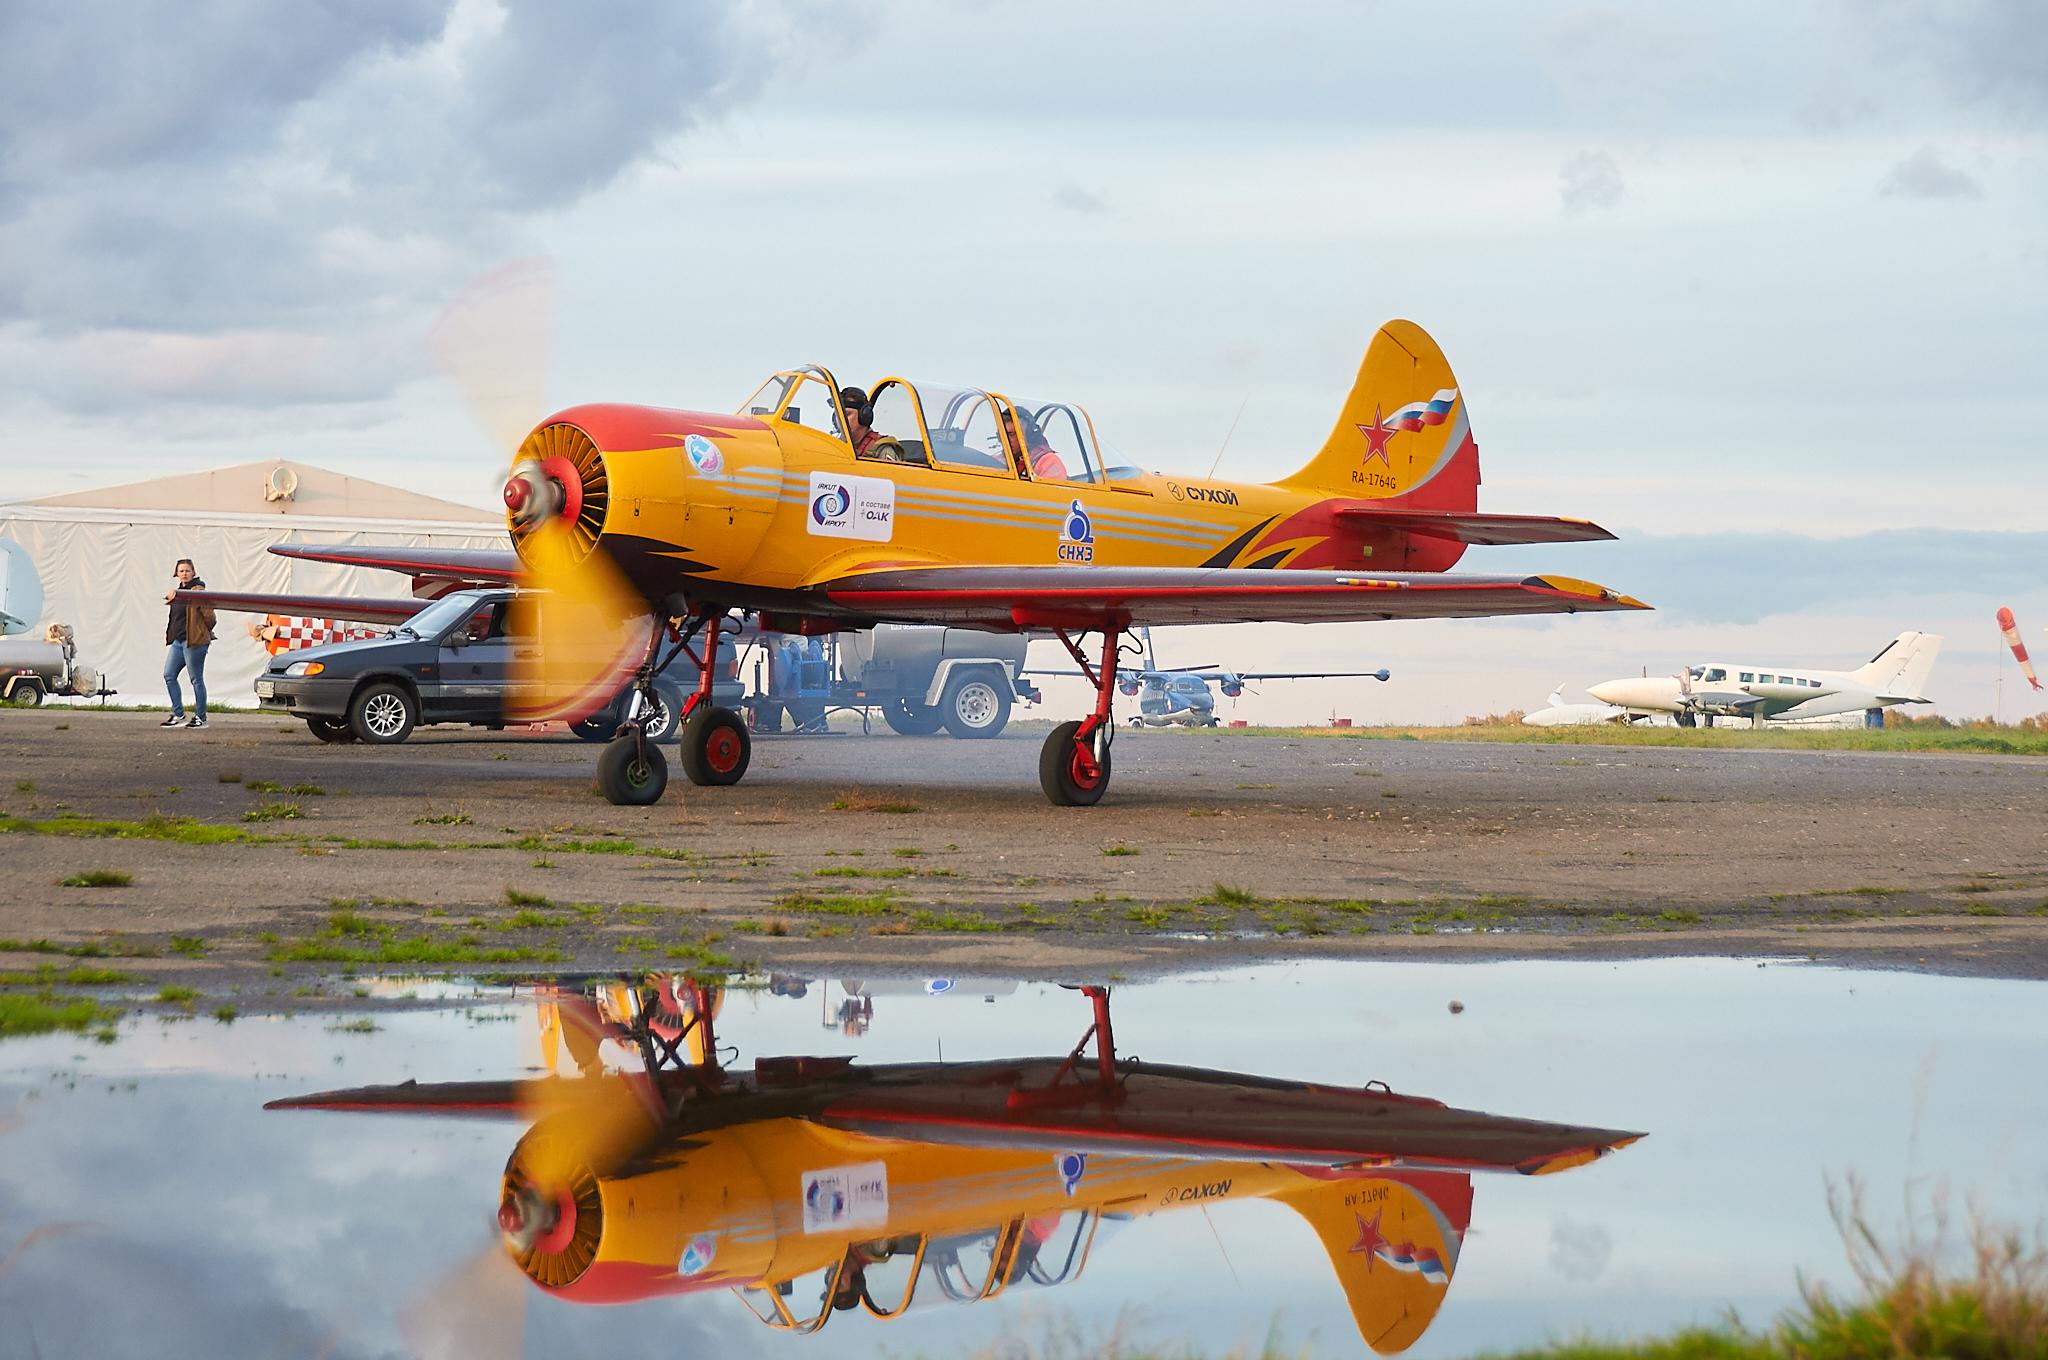 Aerobatic events - Пилотажные мероприятия